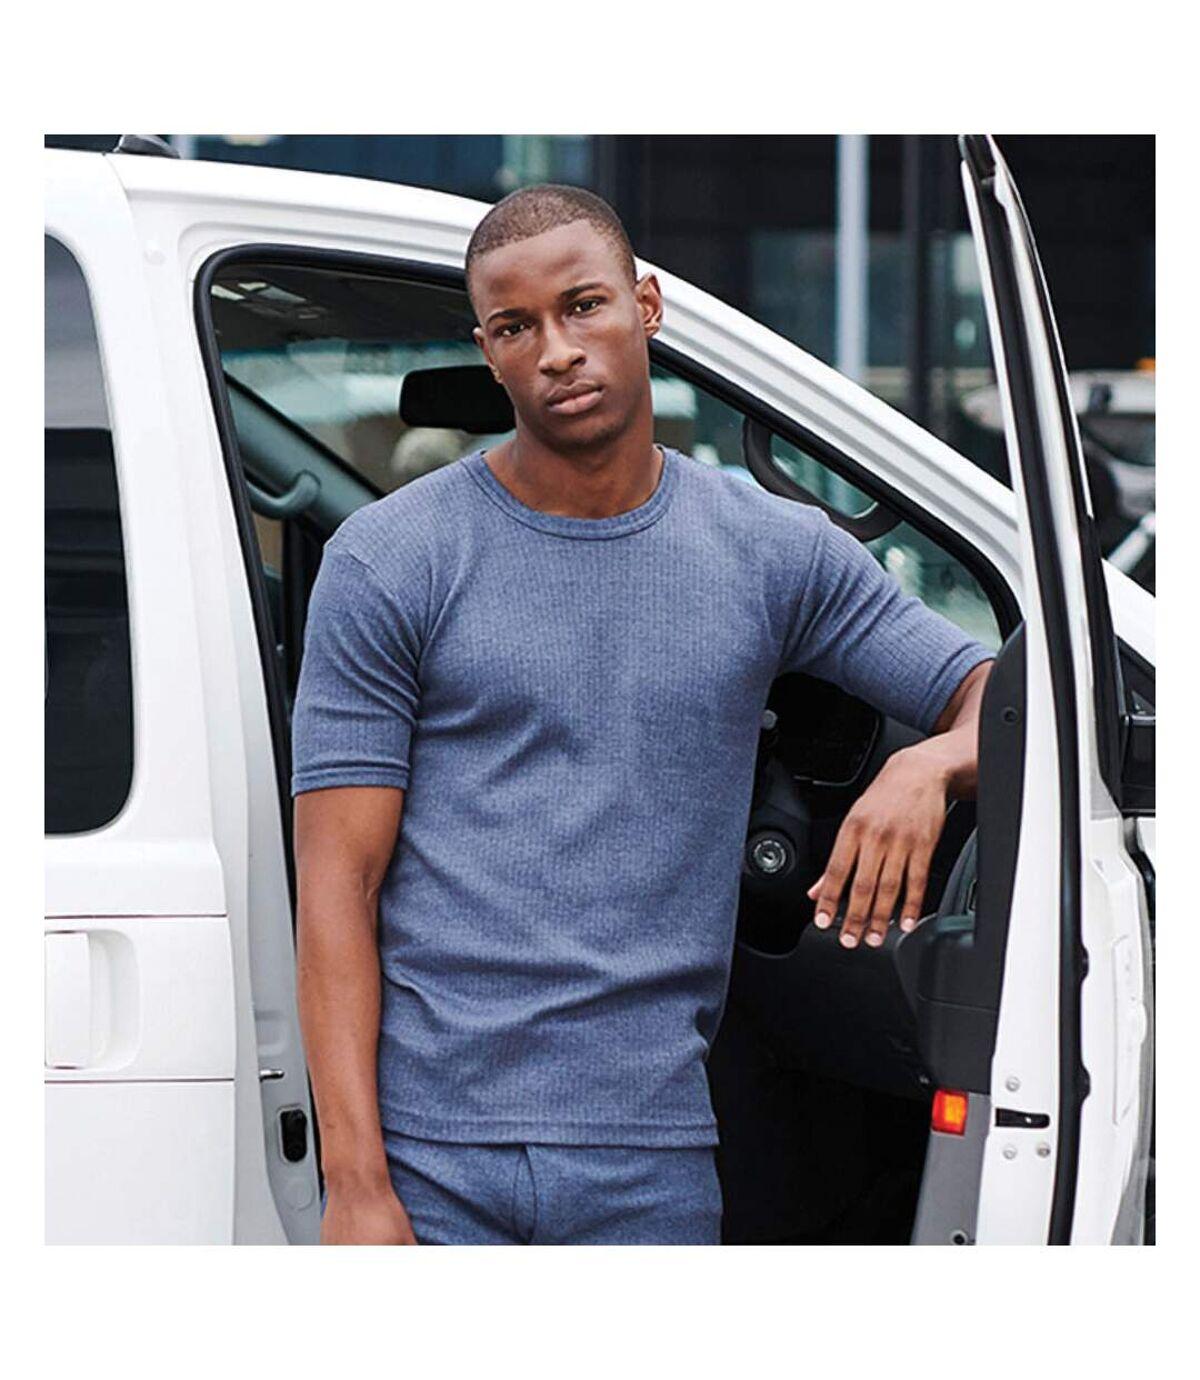 Regatta - T-shirt thermique à manche courtes - Homme (Denim) - UTRW1258